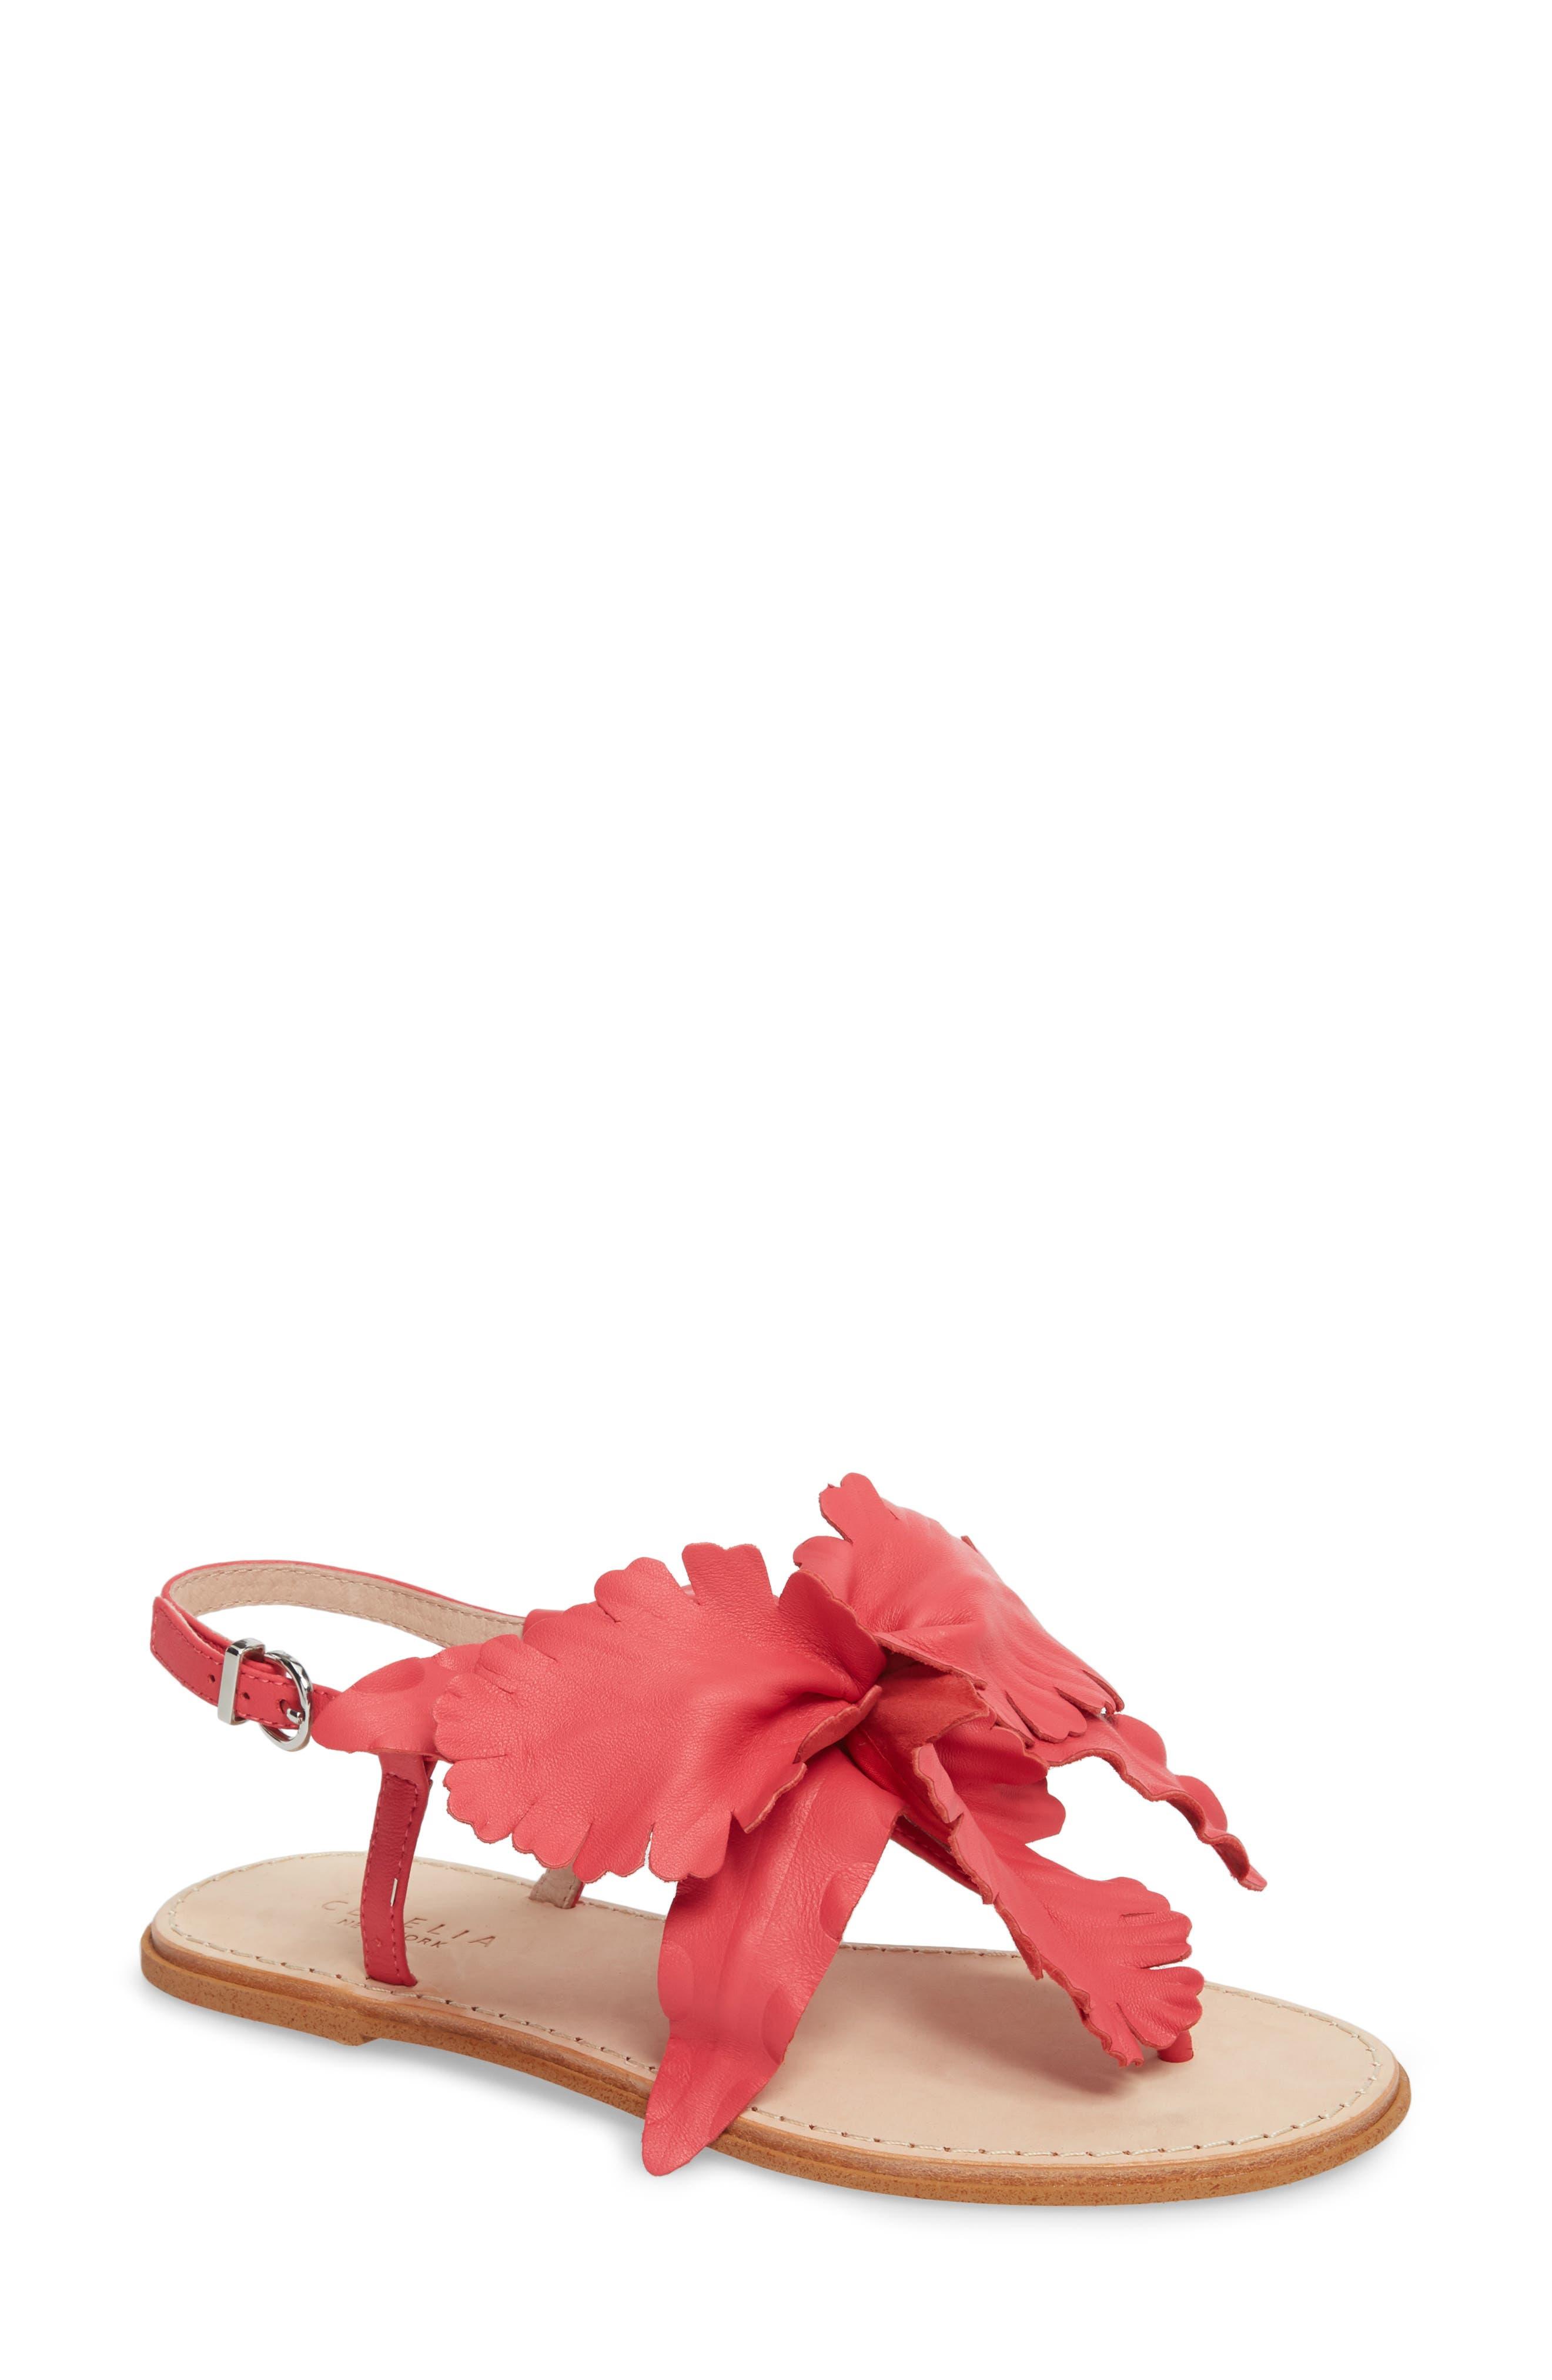 Peony Sandal,                             Main thumbnail 1, color,                             Fuchsia Leather